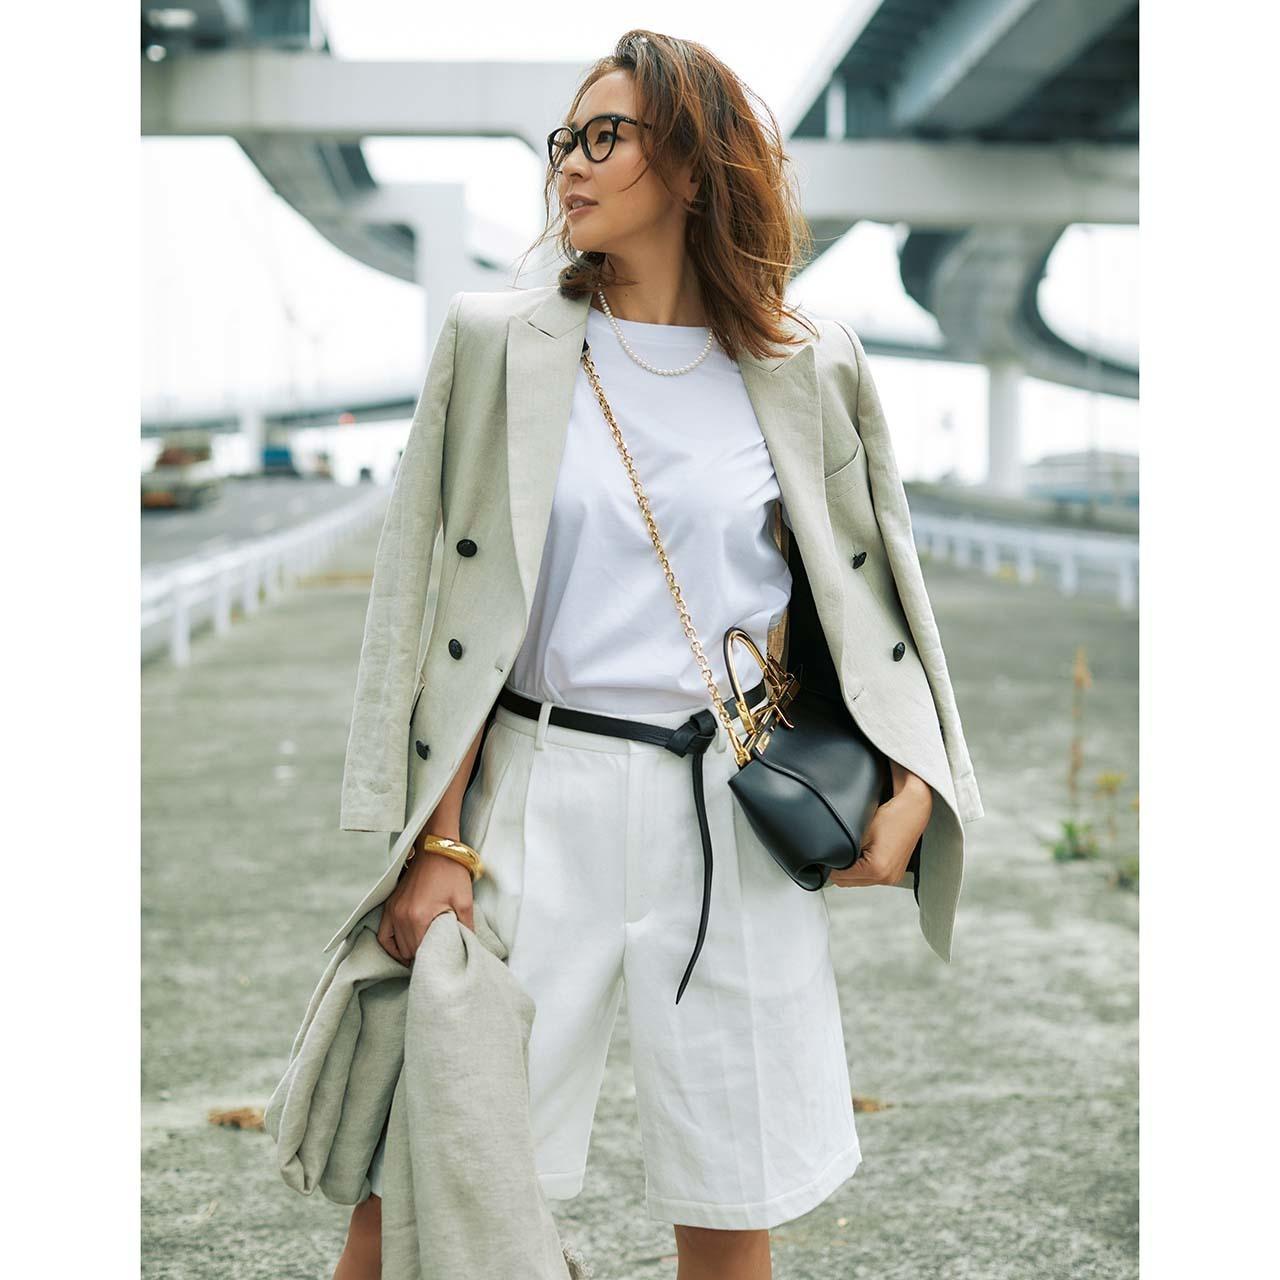 白Tシャツ×ジャケット×白ショートパンツコーデ